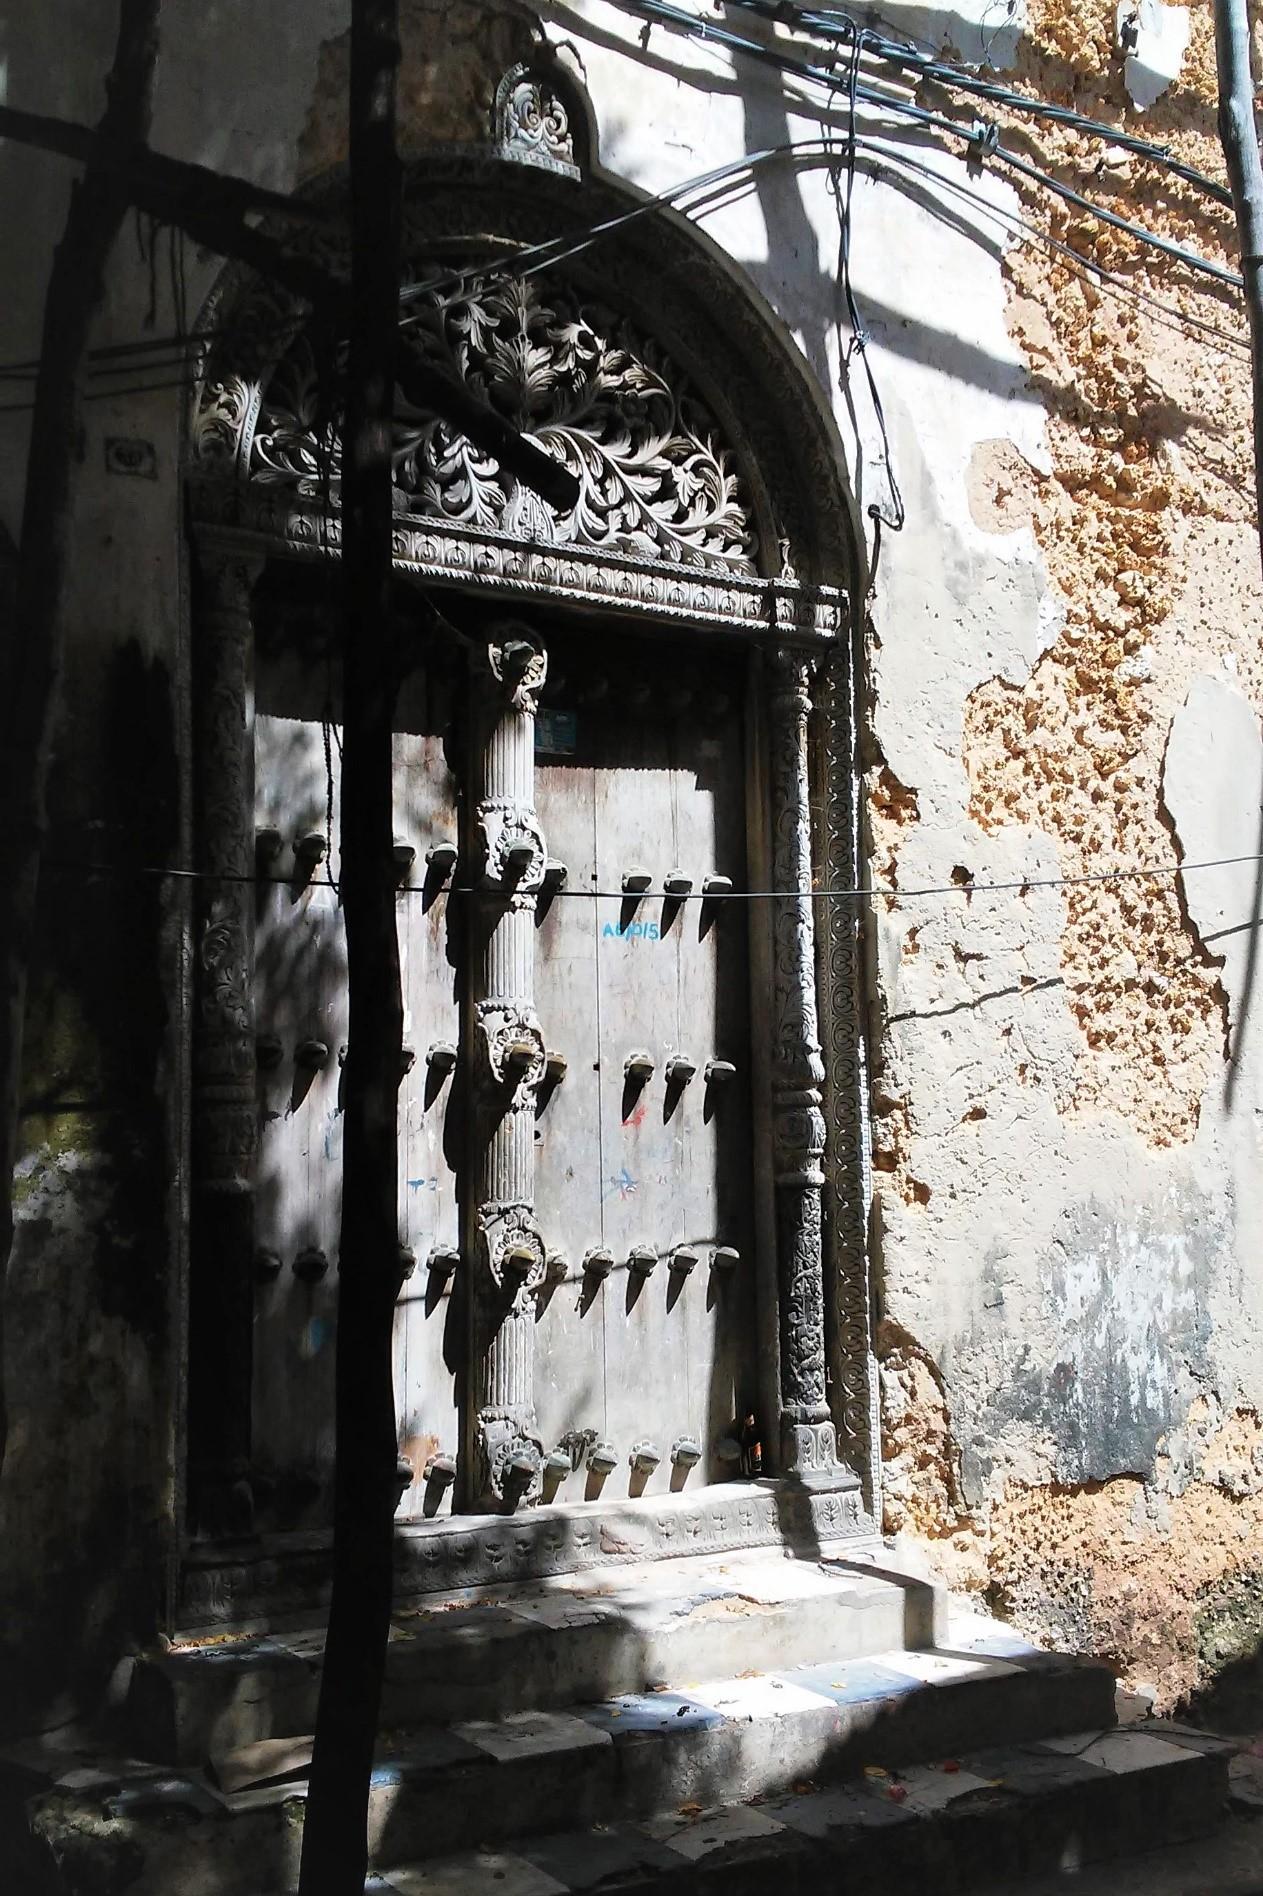 Tipu Tip House Door, World Heritage Site, Stone Town, Zanzibar    Photo Provided by Lauren Frick '20